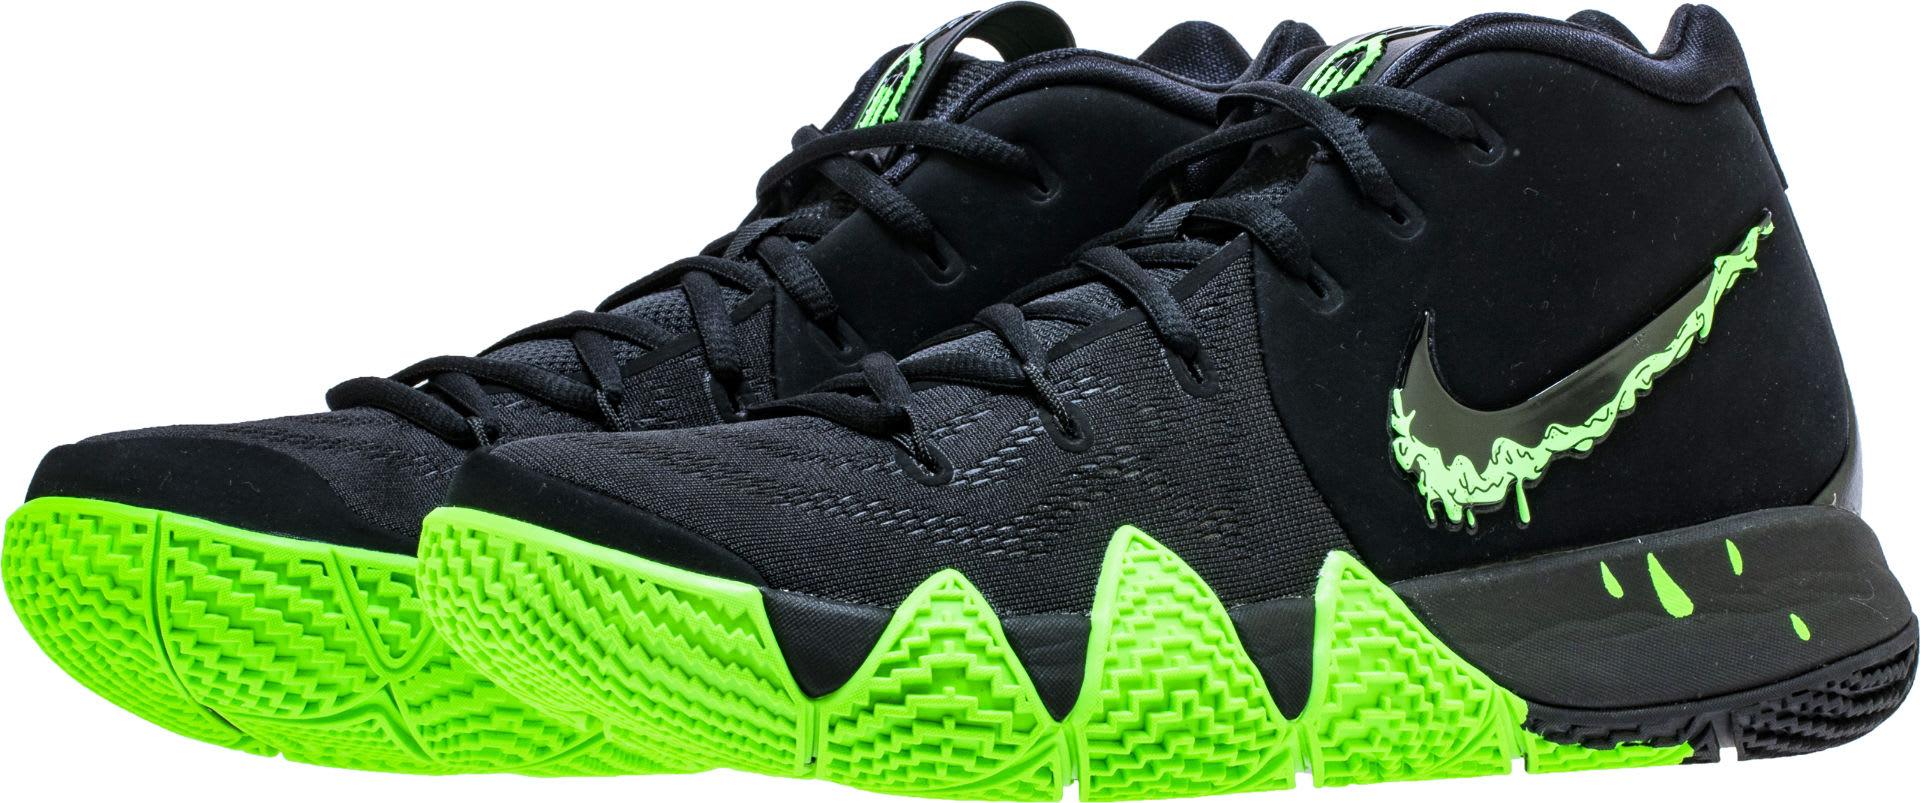 Nike Kyrie 4 Black Rage Green Halloween Release Date 943806-012 Pair